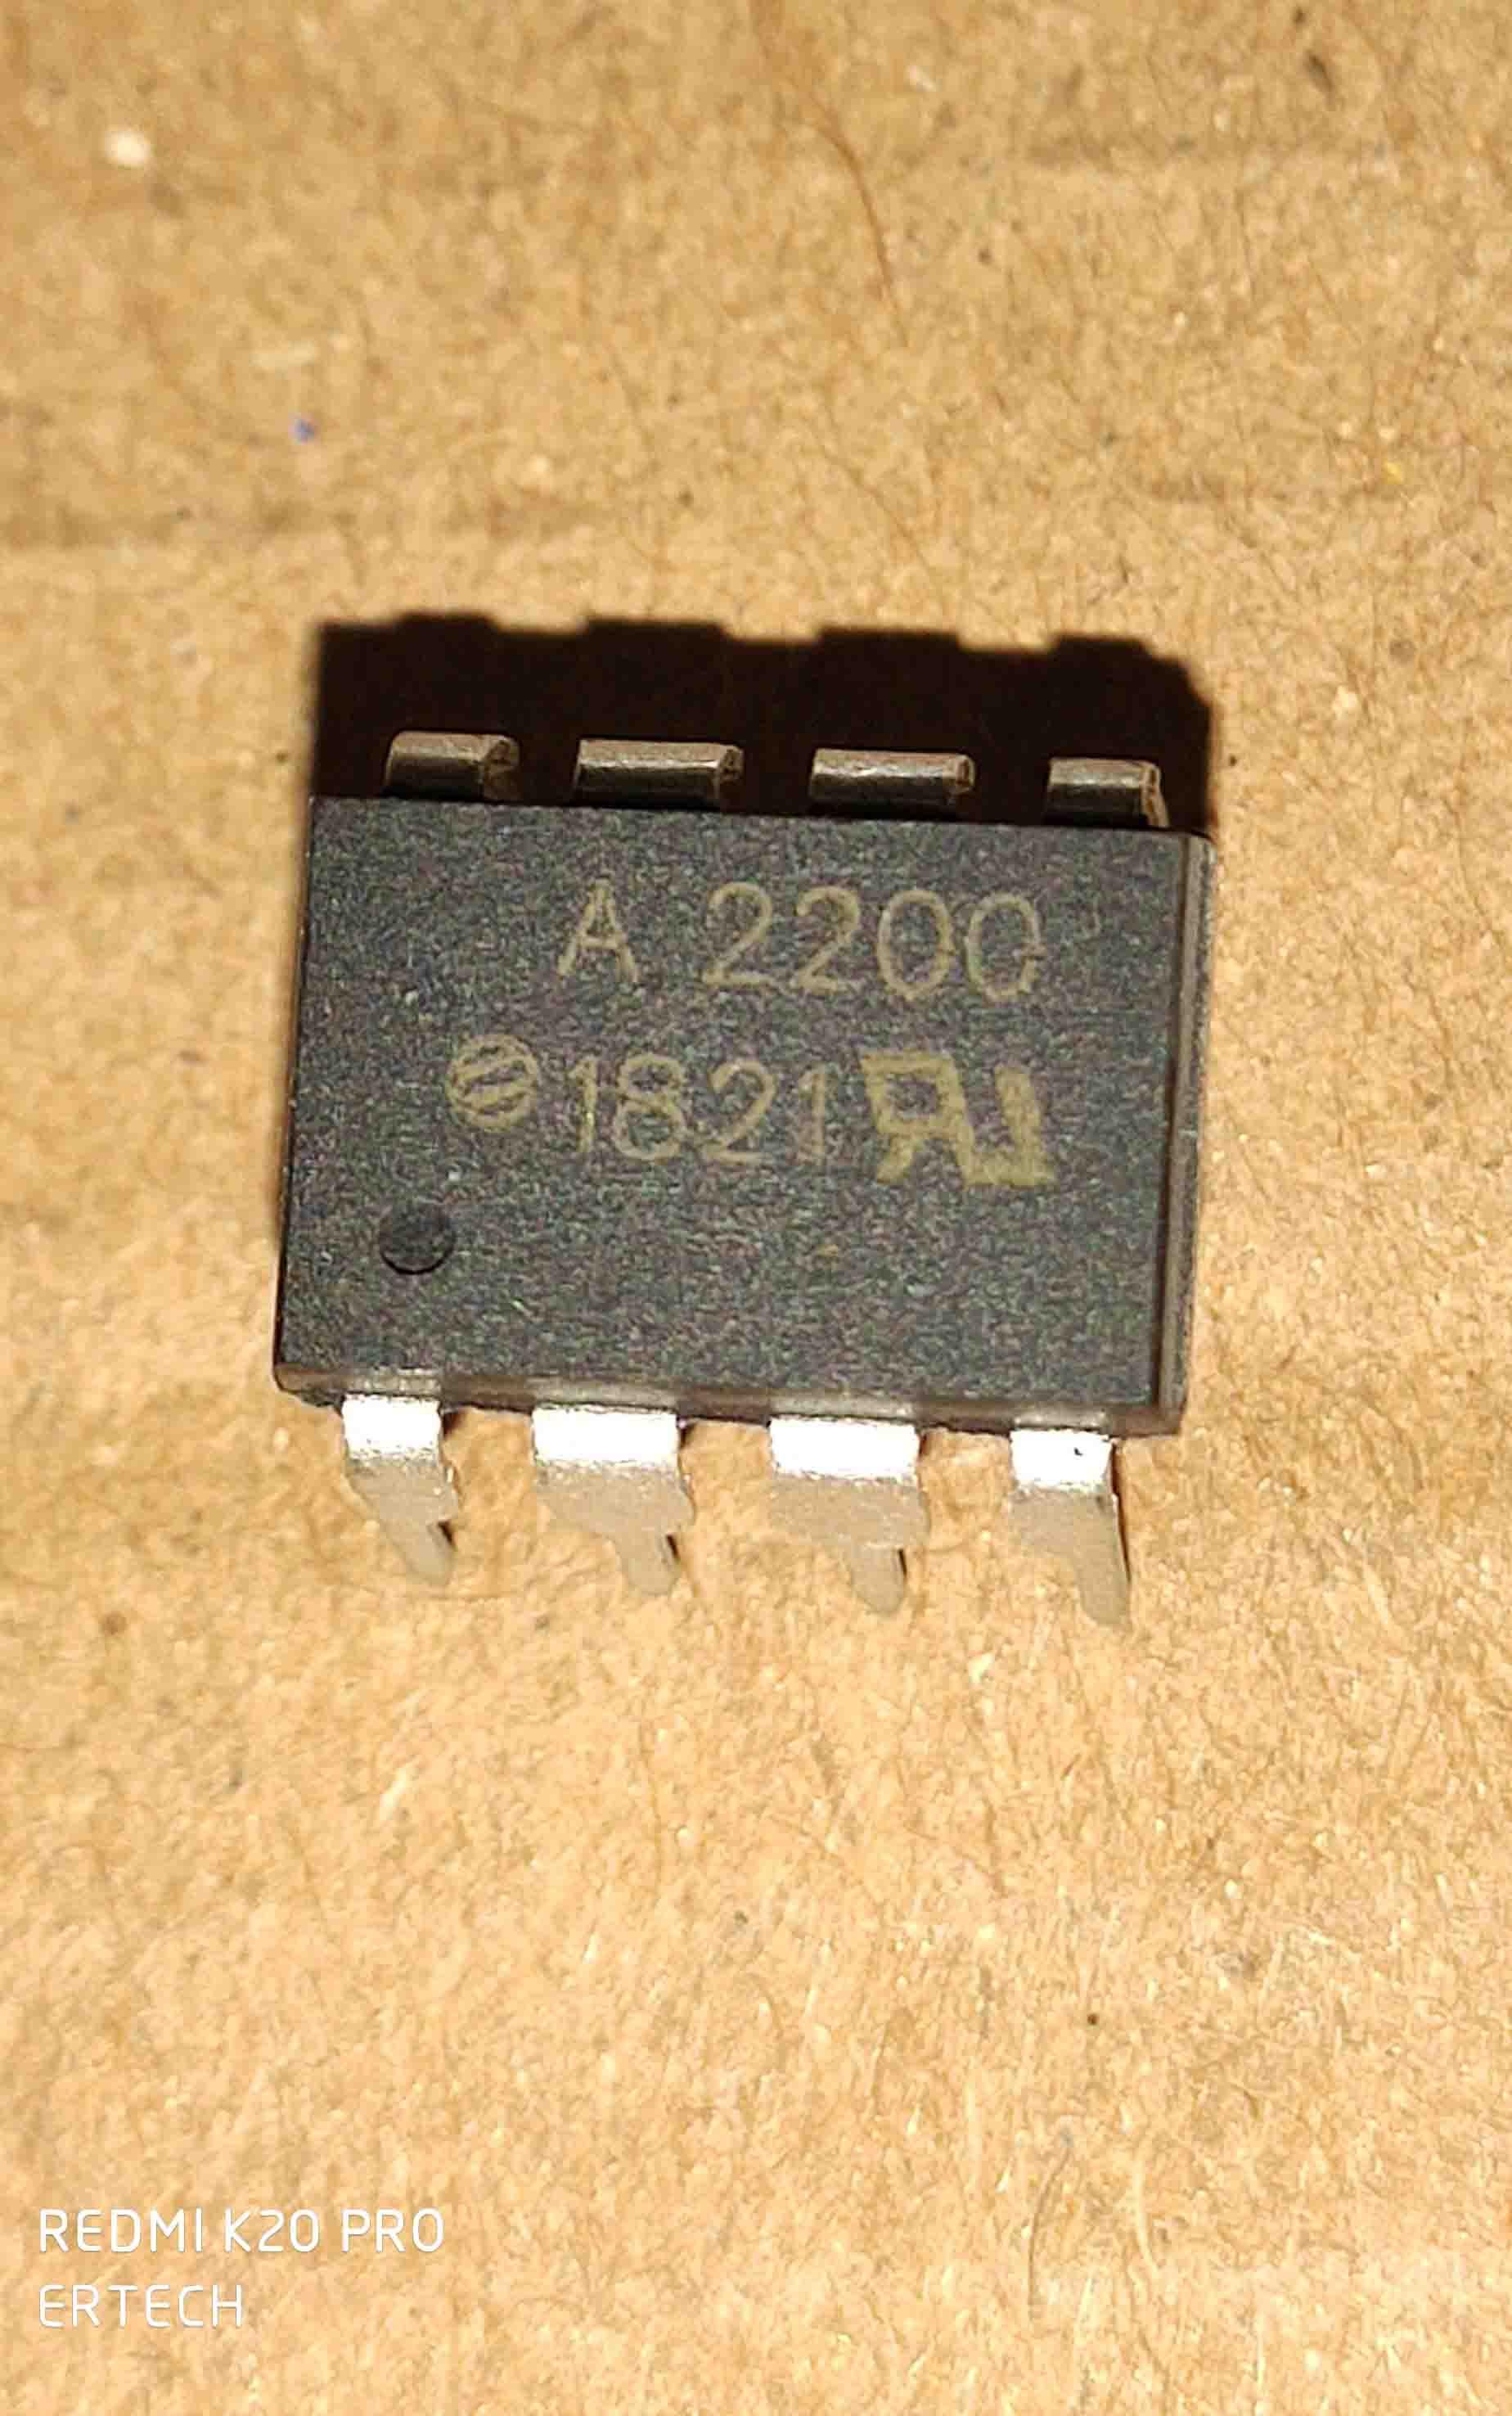 a2200-hcpl-2200-dip-8